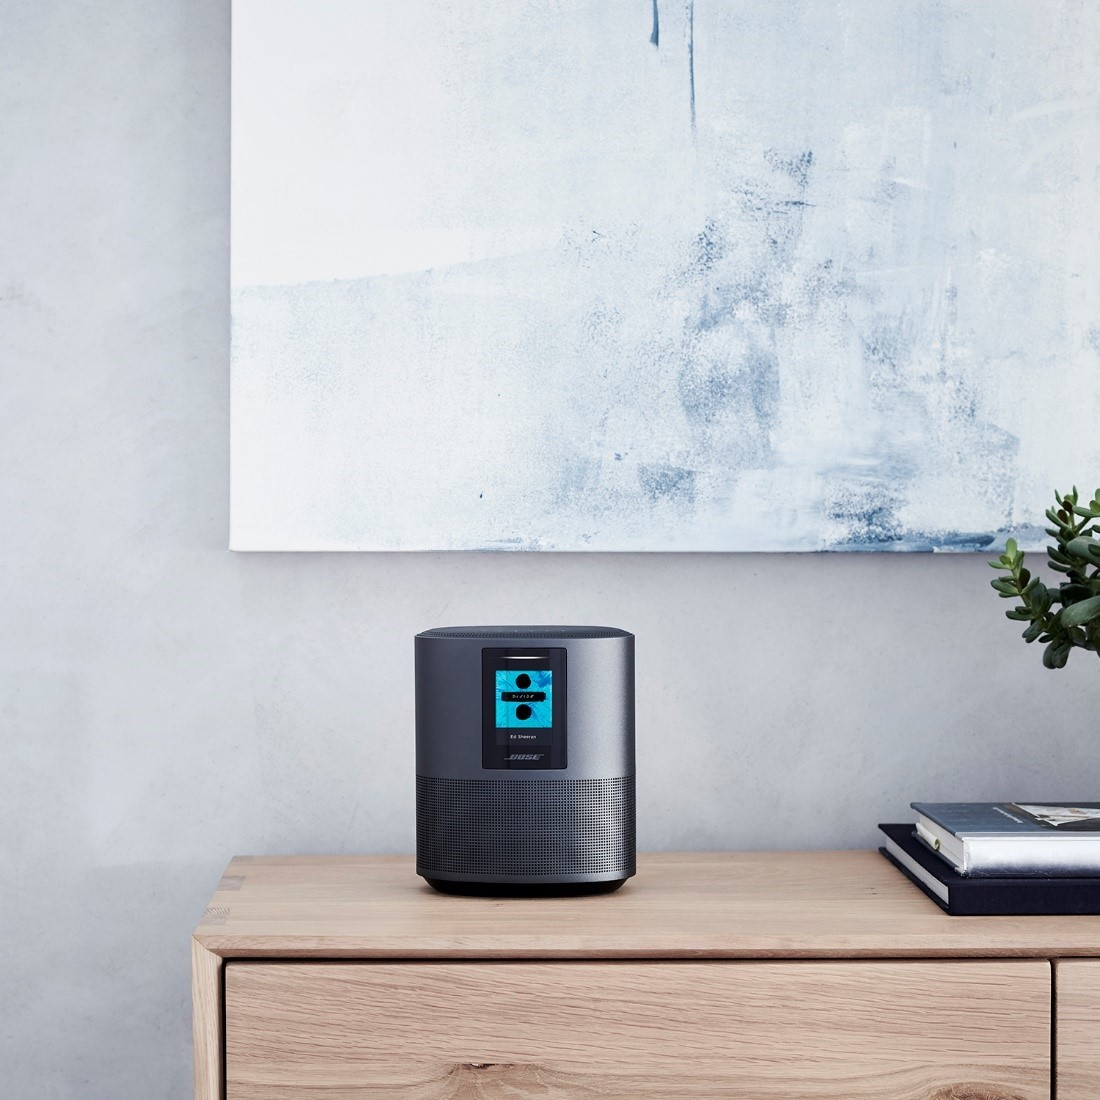 Amazon Alexa with Bose Speakers